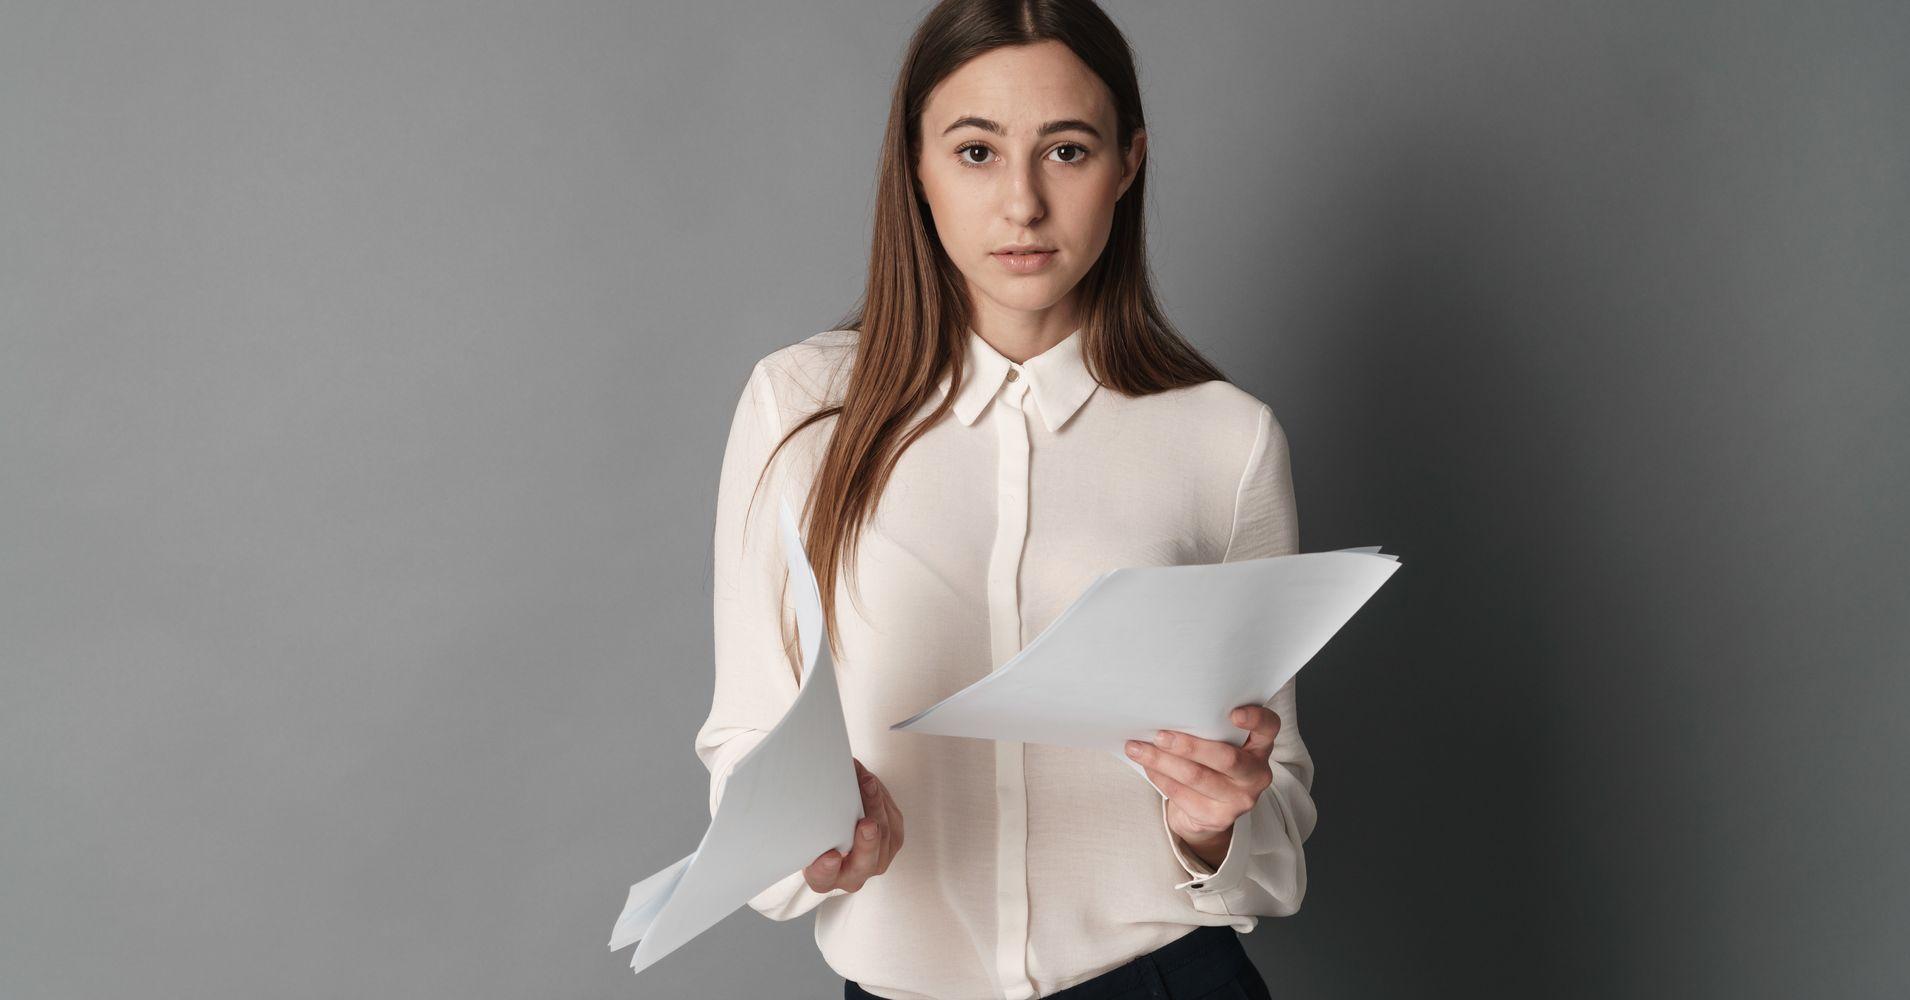 Student Loan Myths